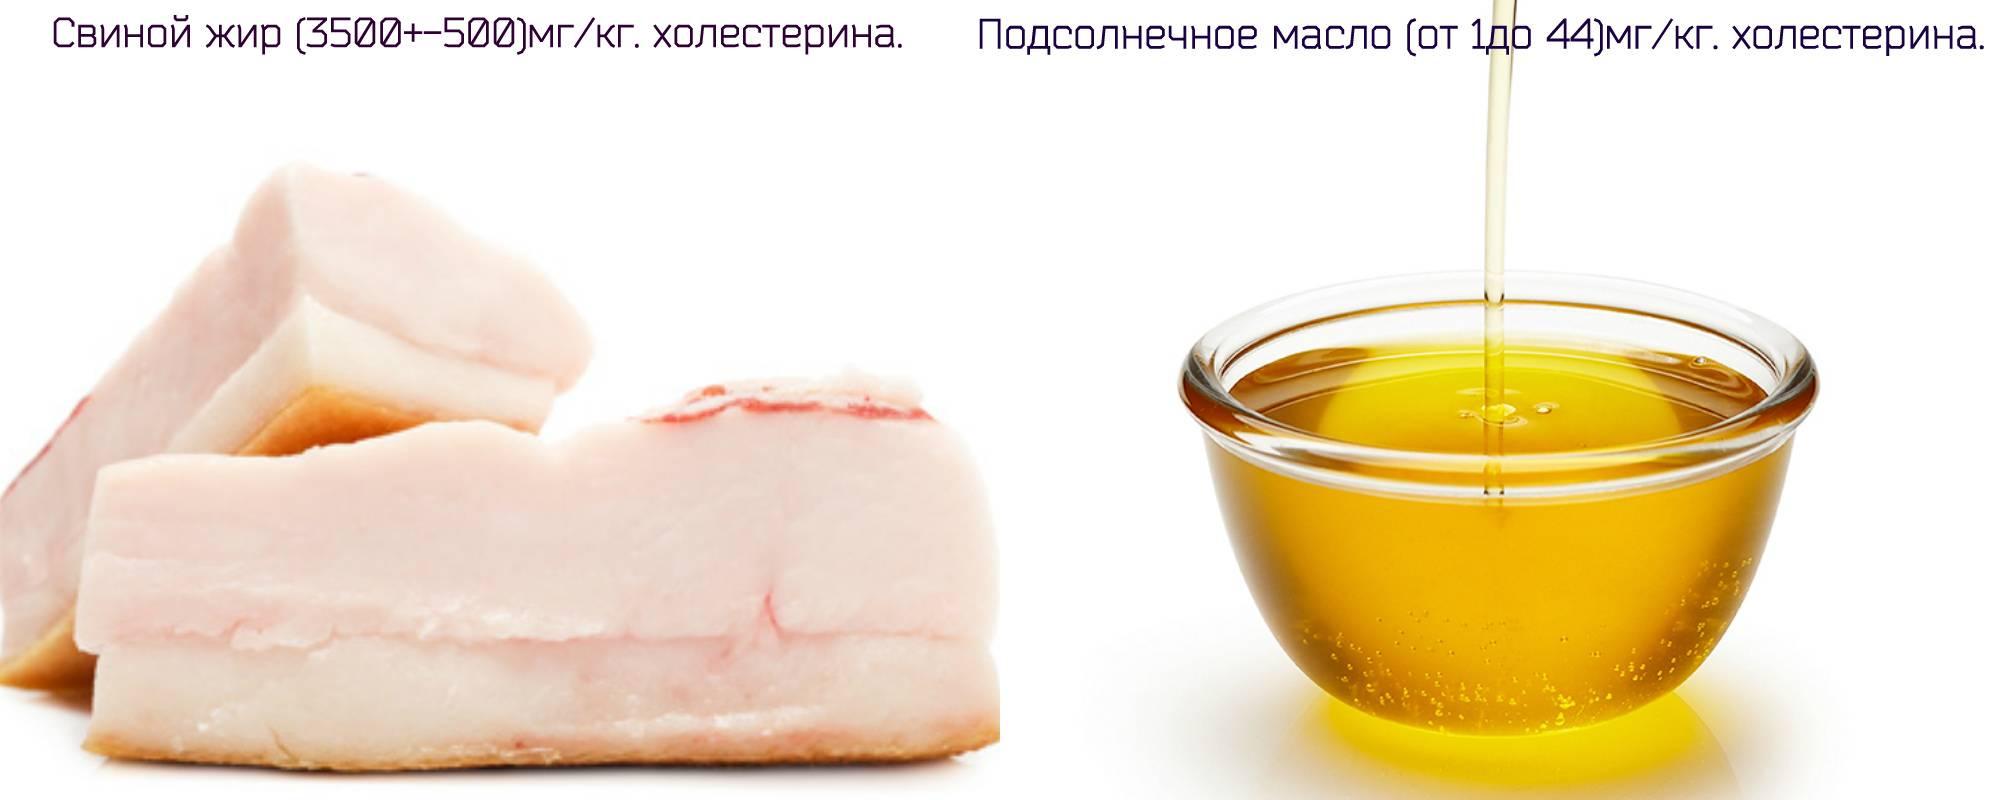 Сколько холестерина содержит свиное сало и можно ли его есть